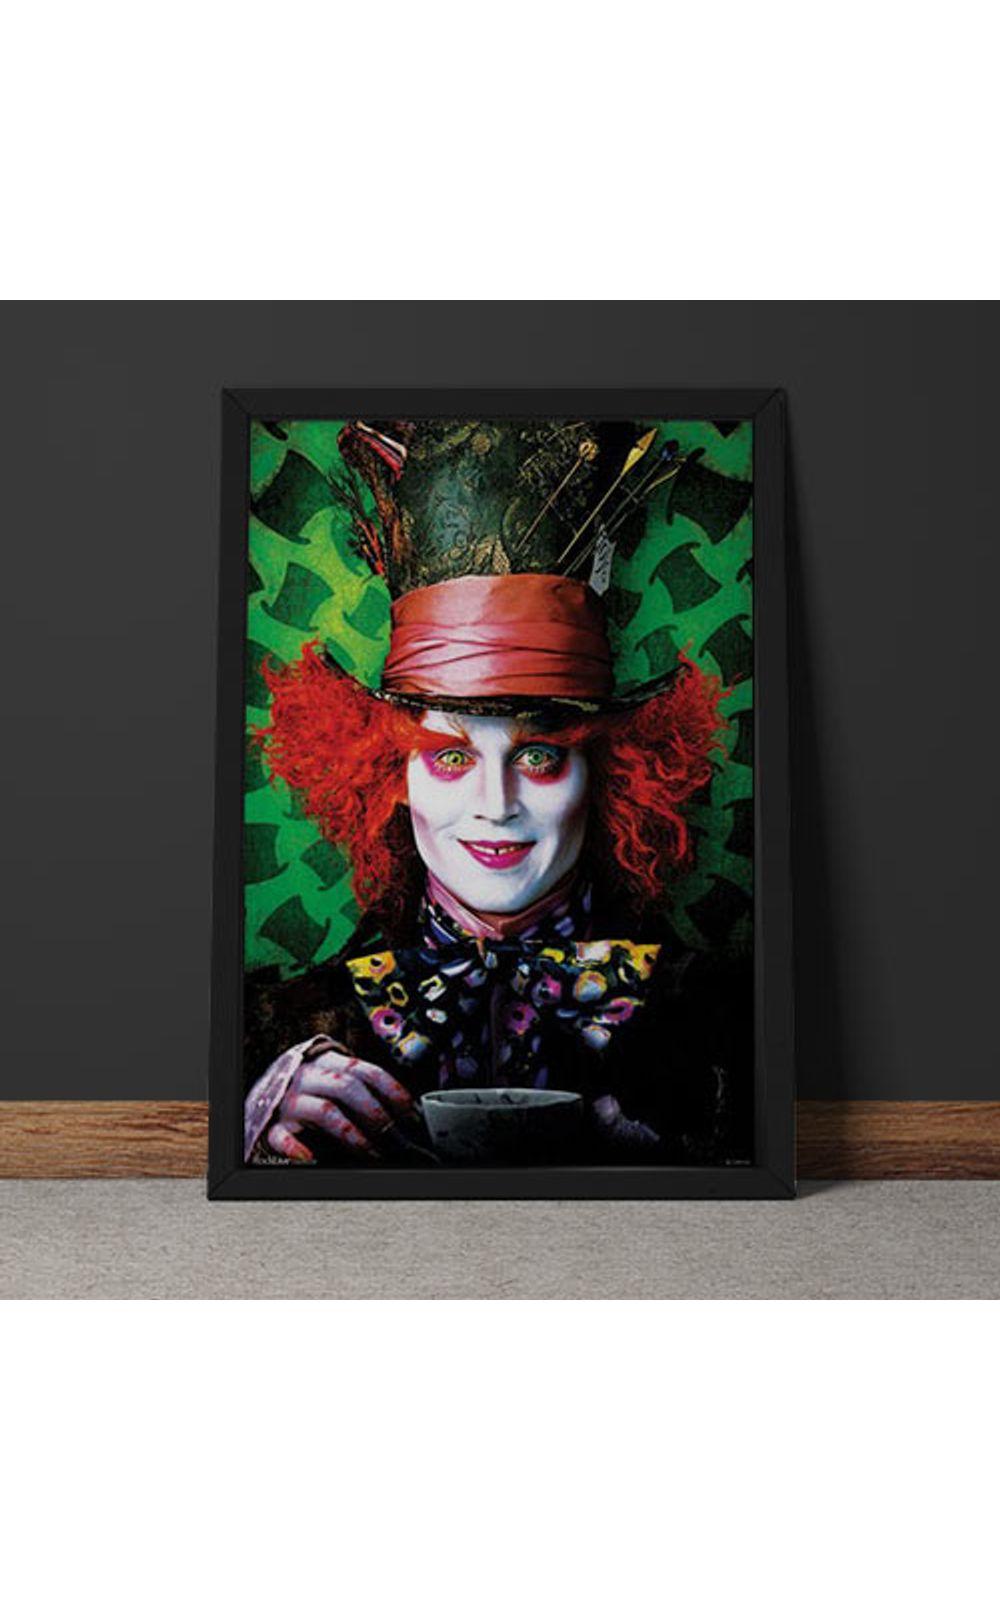 Foto 4 - Quadro Decorativo Johnny Depp Chapeleiro Maluco Alice No Pais Das Maravilhas